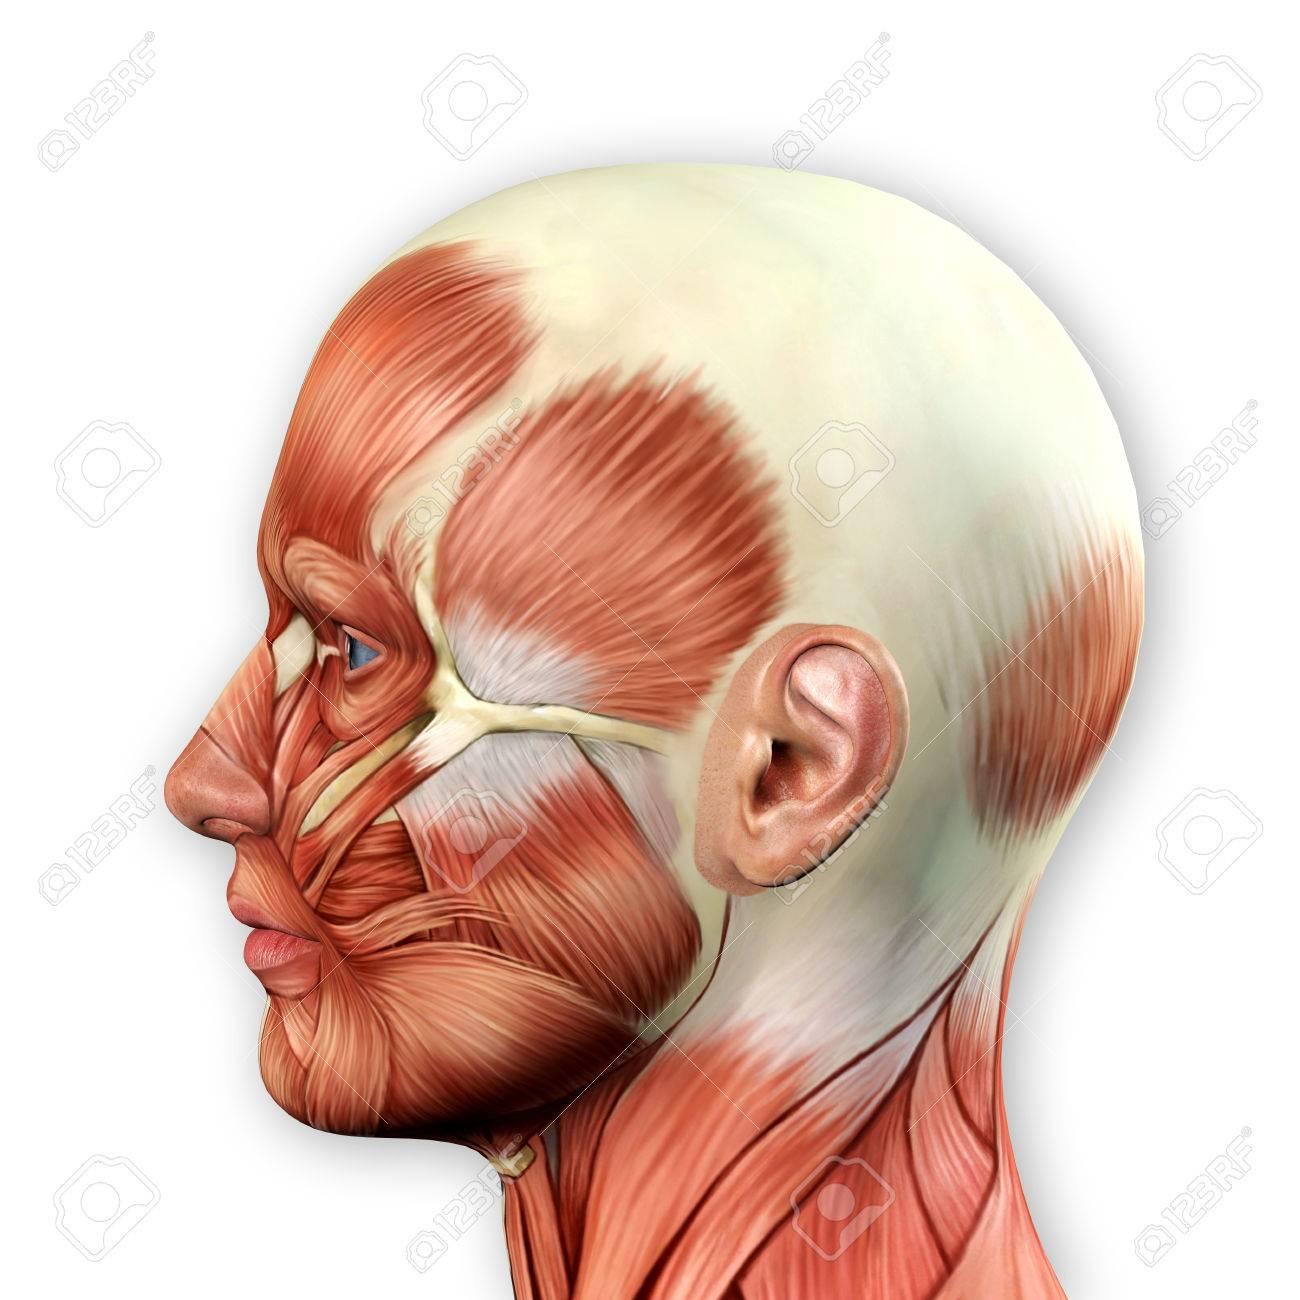 Enfrentan A Los Músculos Masculinos Ilustración Anatomía 3d Fotos ...